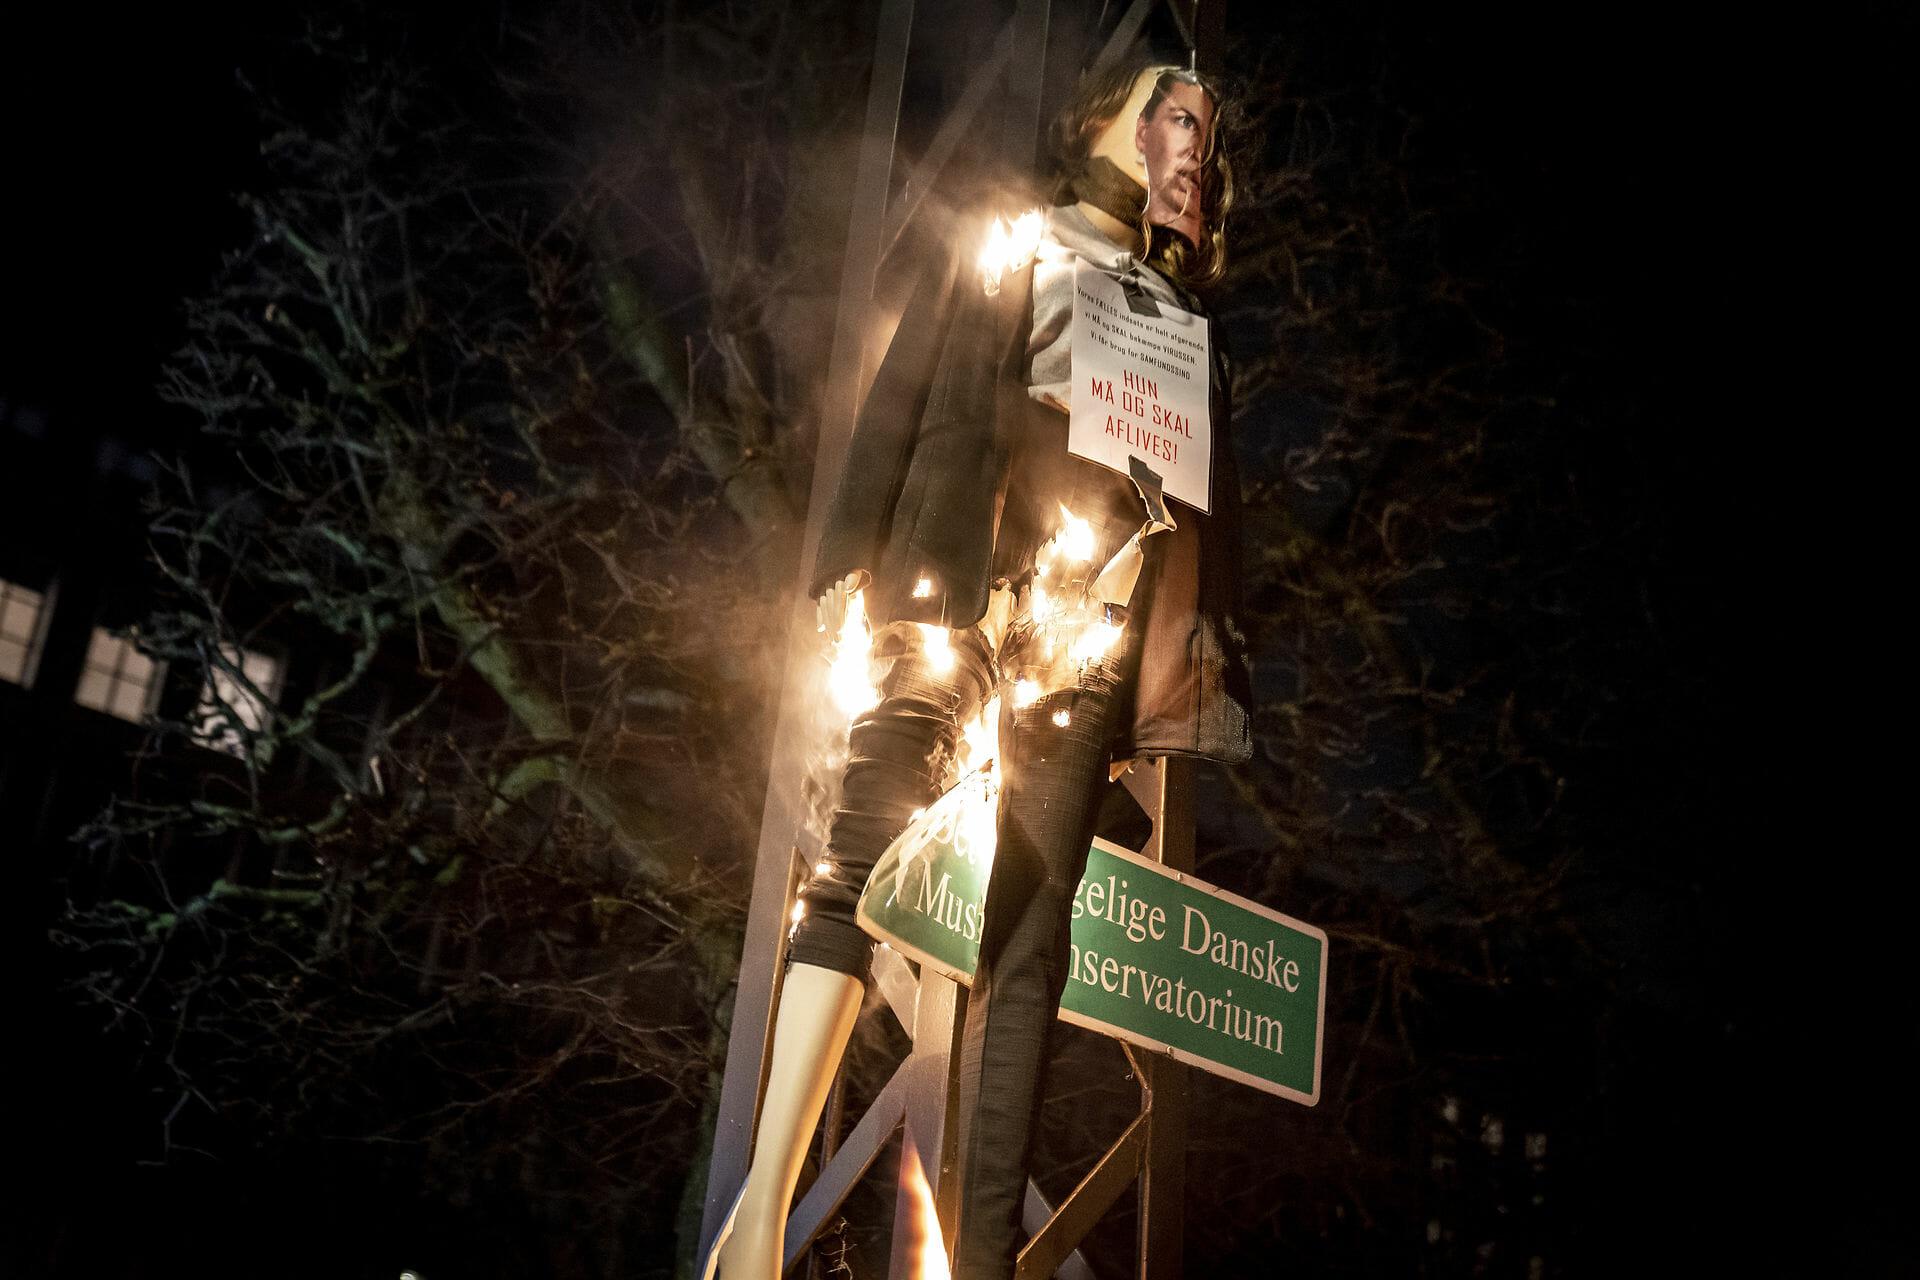 Foto af dukke af statsminister på Facebook fører til politisigtelse